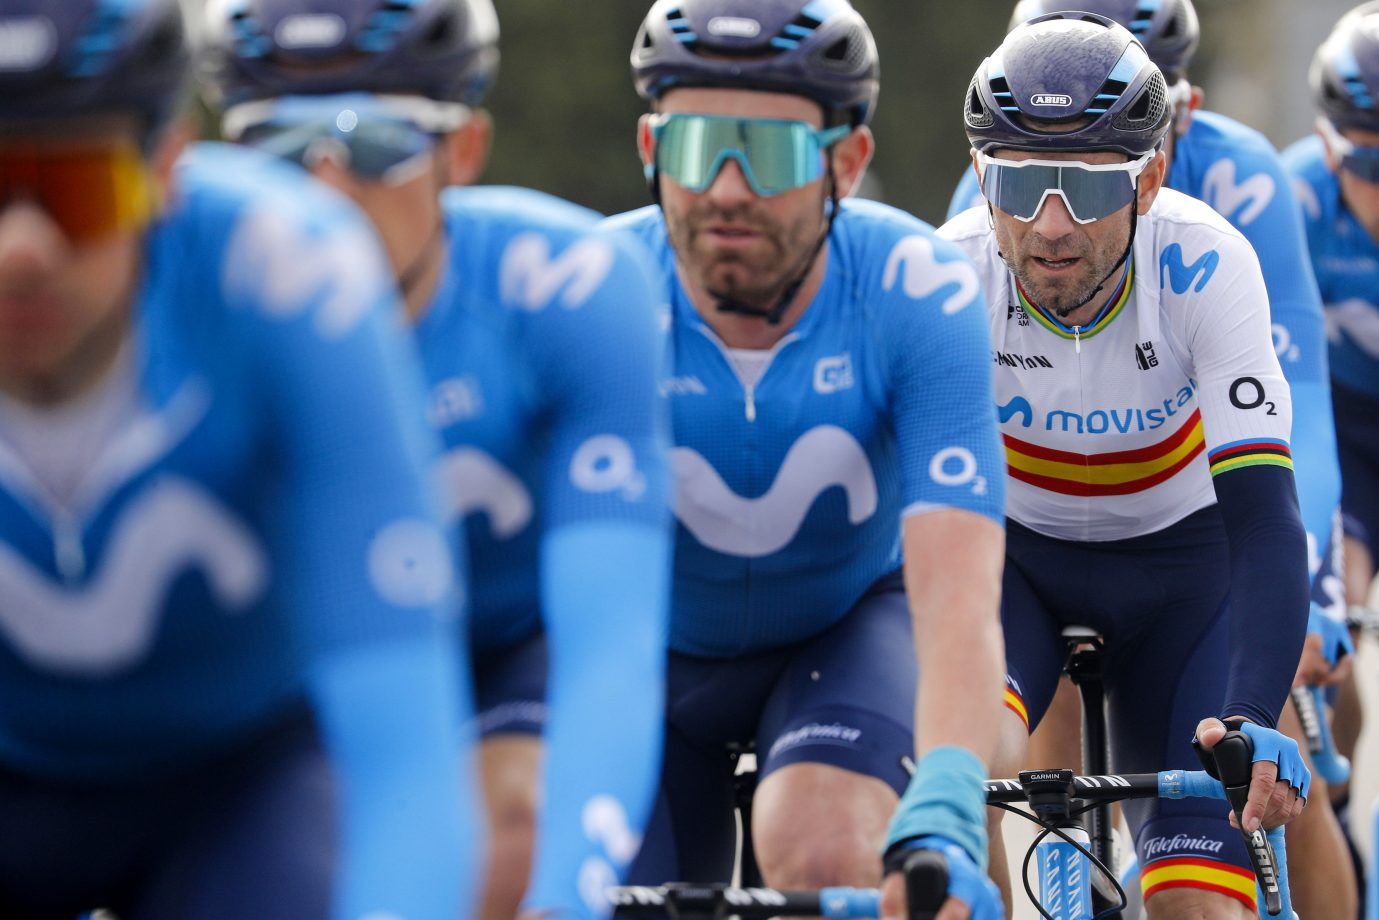 Imagen de la noticia 'Valverde inside GC top-ten in Vuelta CV after Queen stage'